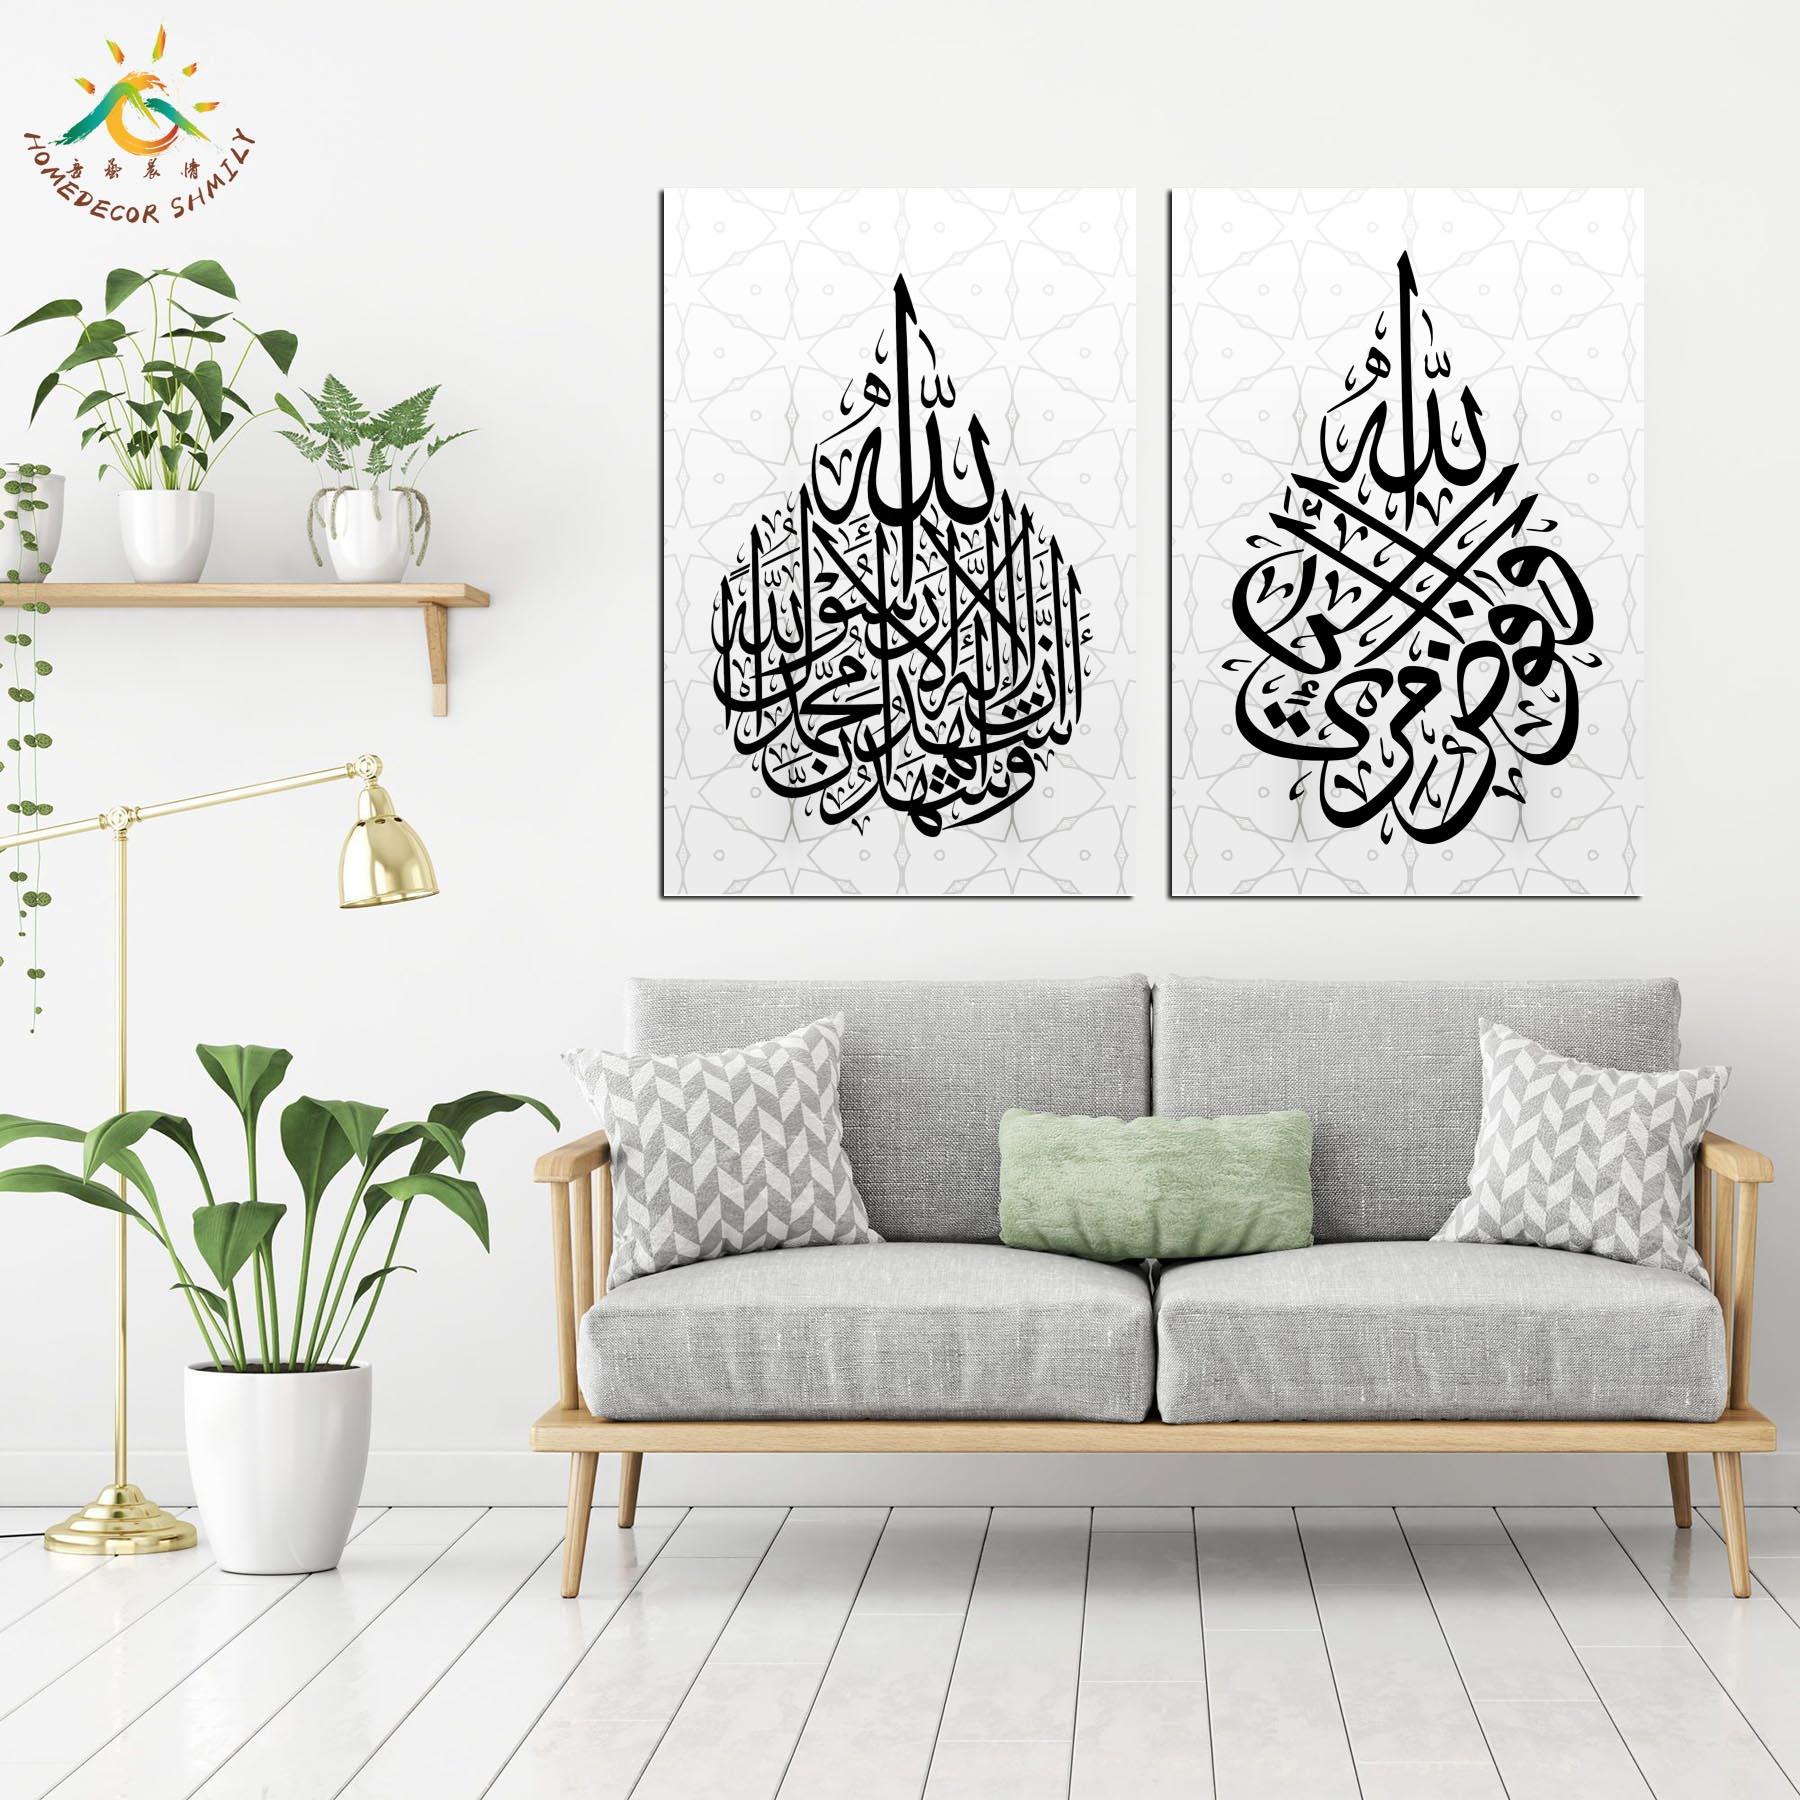 дешево!  Черный Исламская каллиграфия Арабский Современного Искусства Настенная Живопись Плакат Старинные